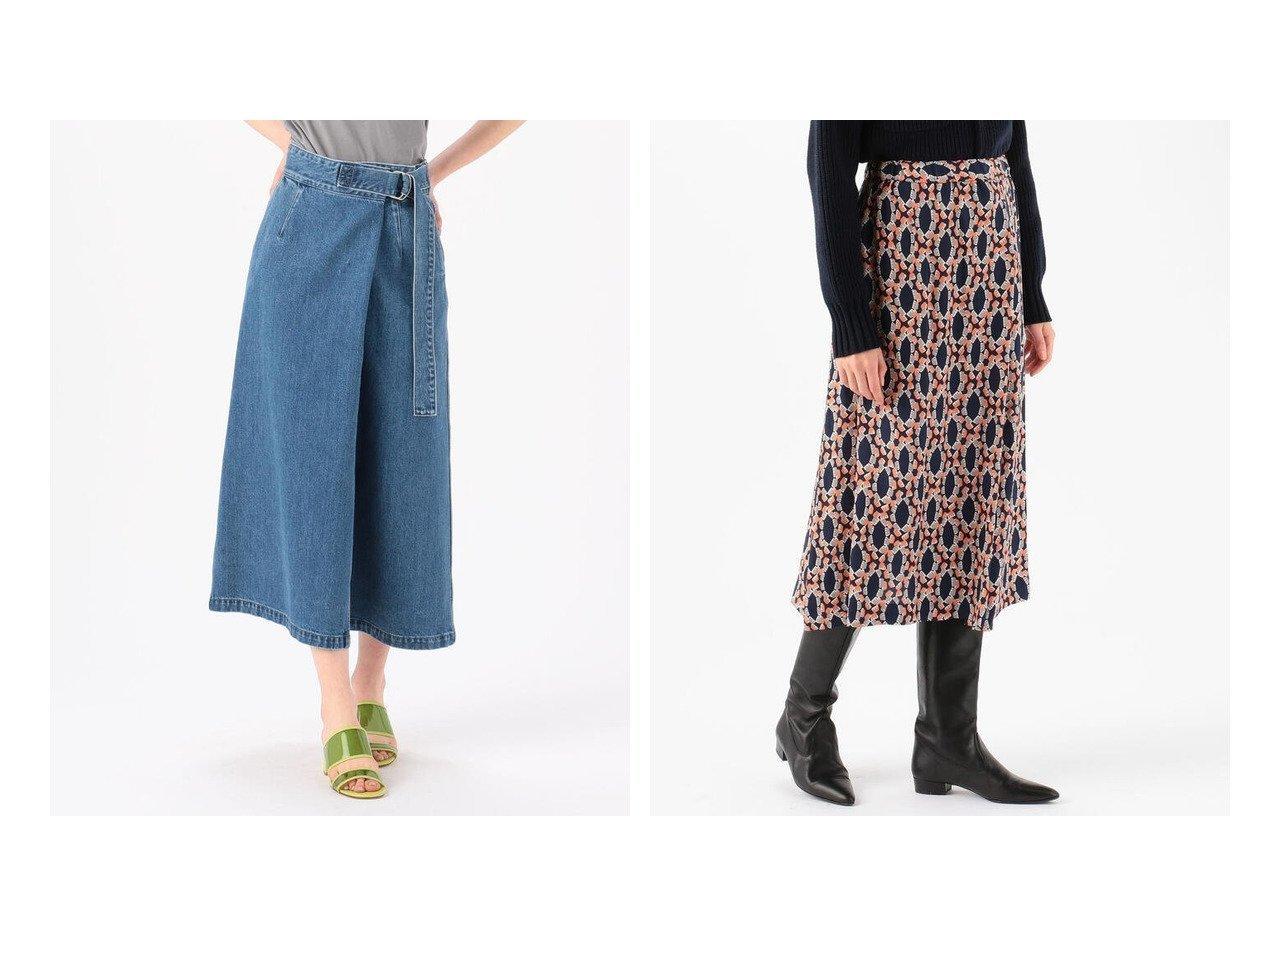 【TOMORROWLAND MACPHEE/トゥモローランド マカフィー】のエスニックプリント ウエストギャザーミディスカート&コットンデニム ベルテッドラップミディスカート スカートのおすすめ!人気、トレンド・レディースファッションの通販 おすすめで人気の流行・トレンド、ファッションの通販商品 メンズファッション・キッズファッション・インテリア・家具・レディースファッション・服の通販 founy(ファニー) https://founy.com/ ファッション Fashion レディースファッション WOMEN スカート Skirt Aライン/フレアスカート Flared A-Line Skirts 2020年 2020 2020-2021 秋冬 A/W AW Autumn/Winter / FW Fall-Winter 2020-2021 A/W 秋冬 AW Autumn/Winter / FW Fall-Winter エスニック ギャザー クラシカル シンプル スリット バランス フレア プリント 再入荷 Restock/Back in Stock/Re Arrival NEW・新作・新着・新入荷 New Arrivals 2021年 2021 2021 春夏 S/S SS Spring/Summer 2021 S/S 春夏 SS Spring/Summer ストレート デニム フロント ベーシック リメイク  ID:crp329100000023298